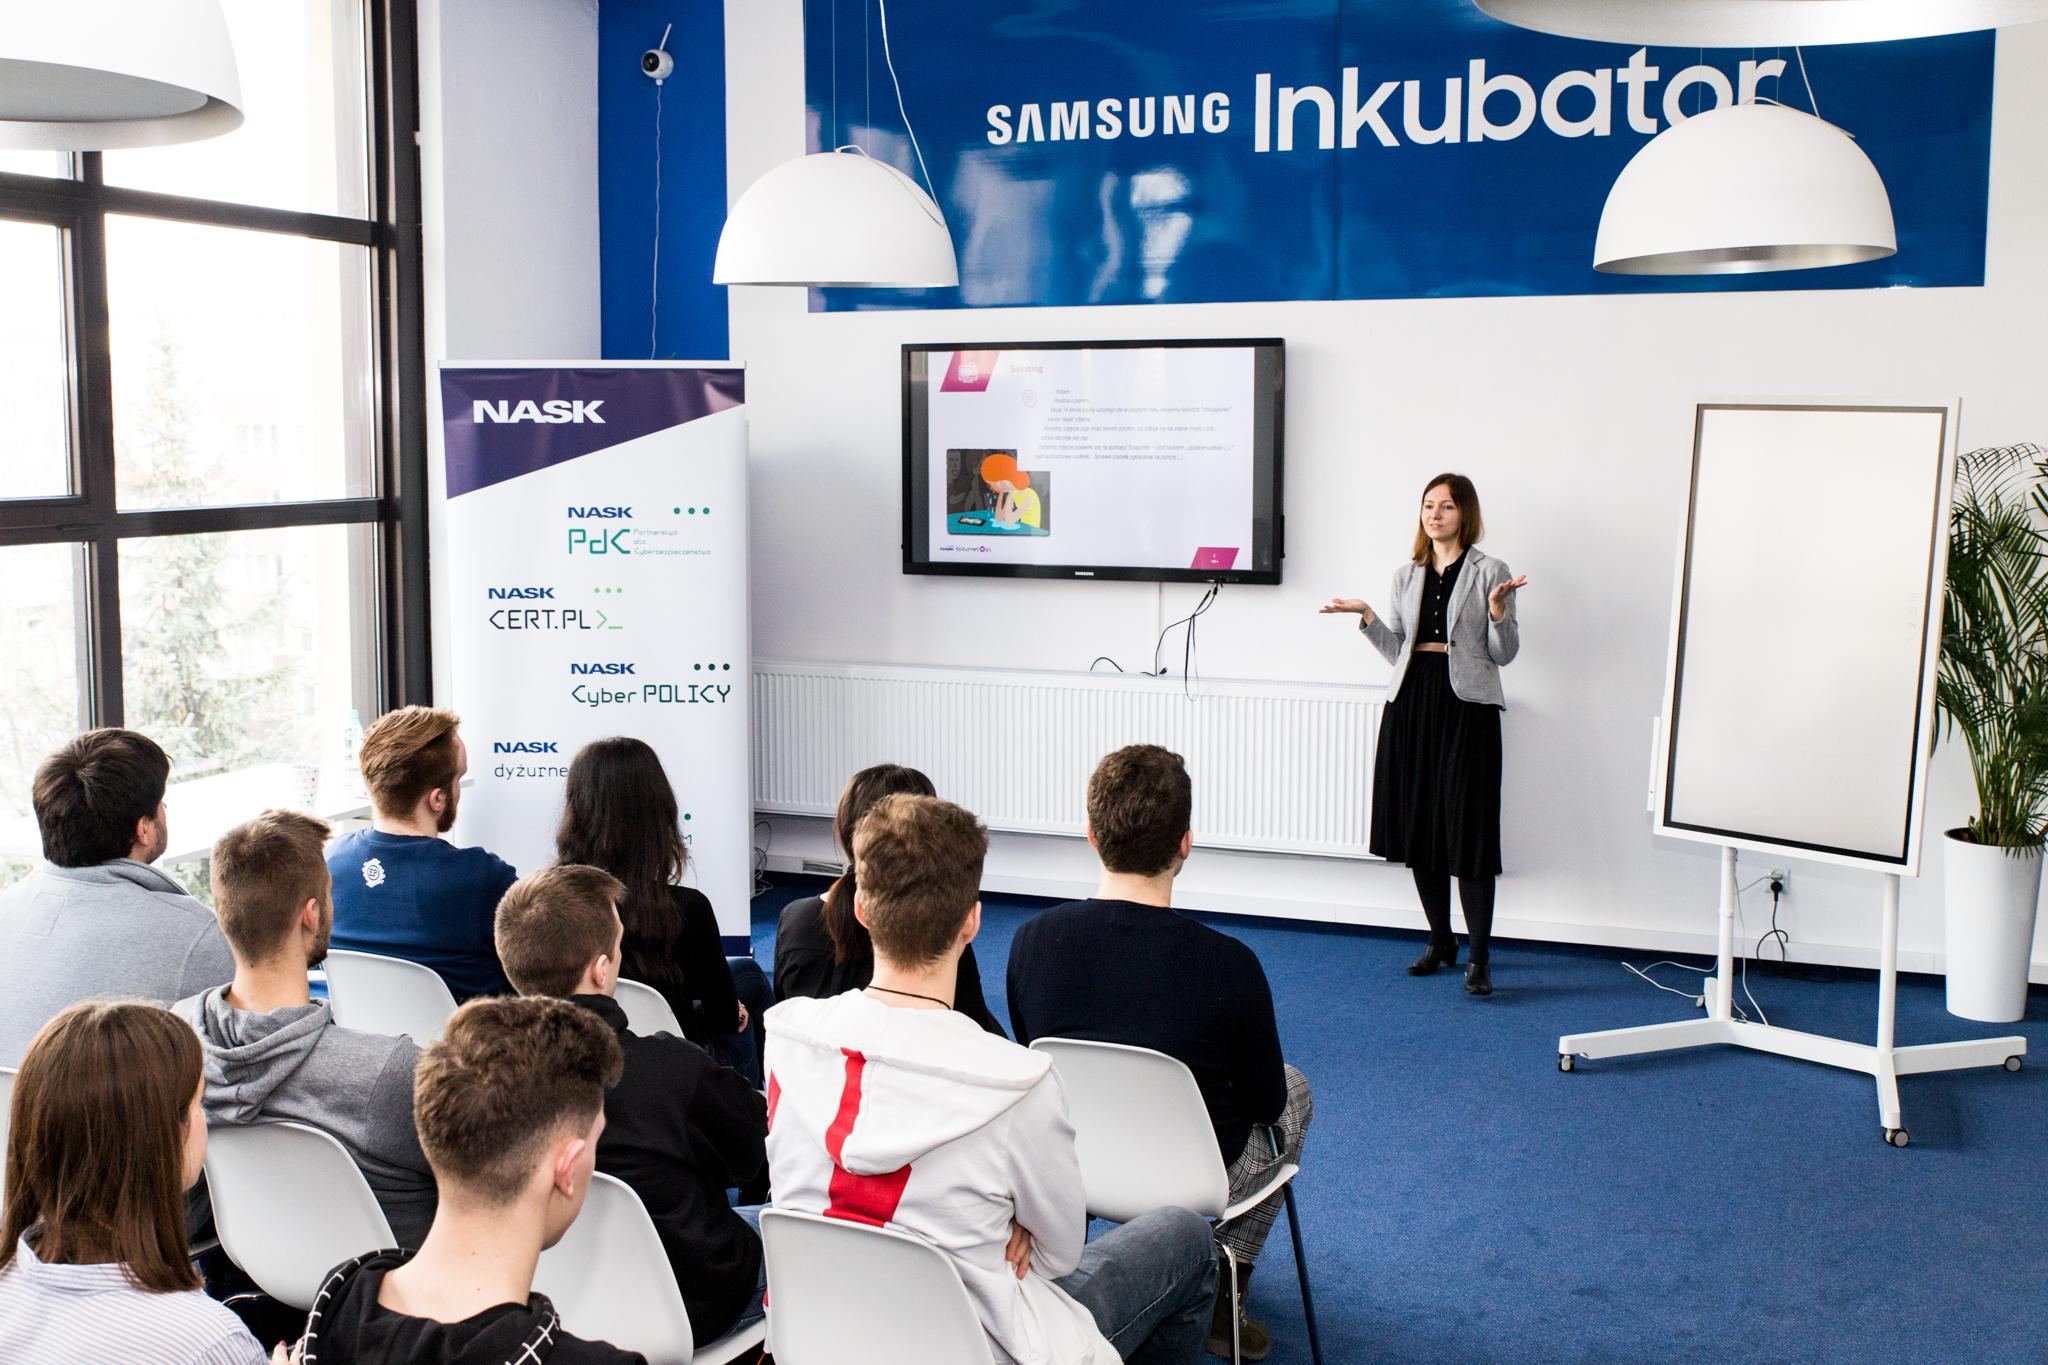 Wykład NASK w Samsung Inkubator Lublin